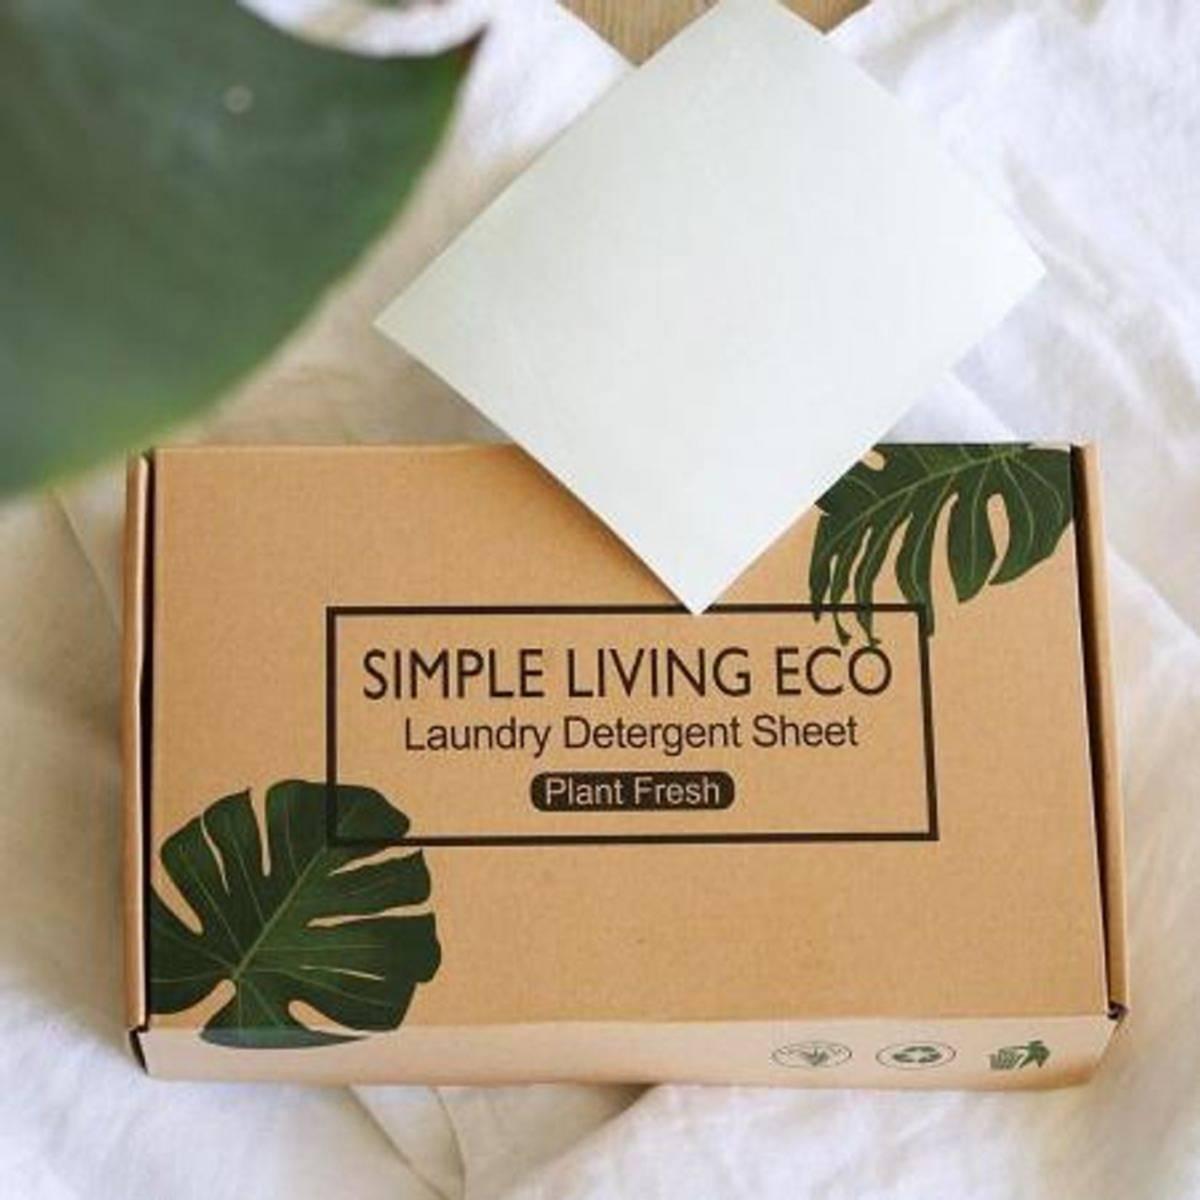 60 stk vaskeark, Duftfri / Simple Living Eco